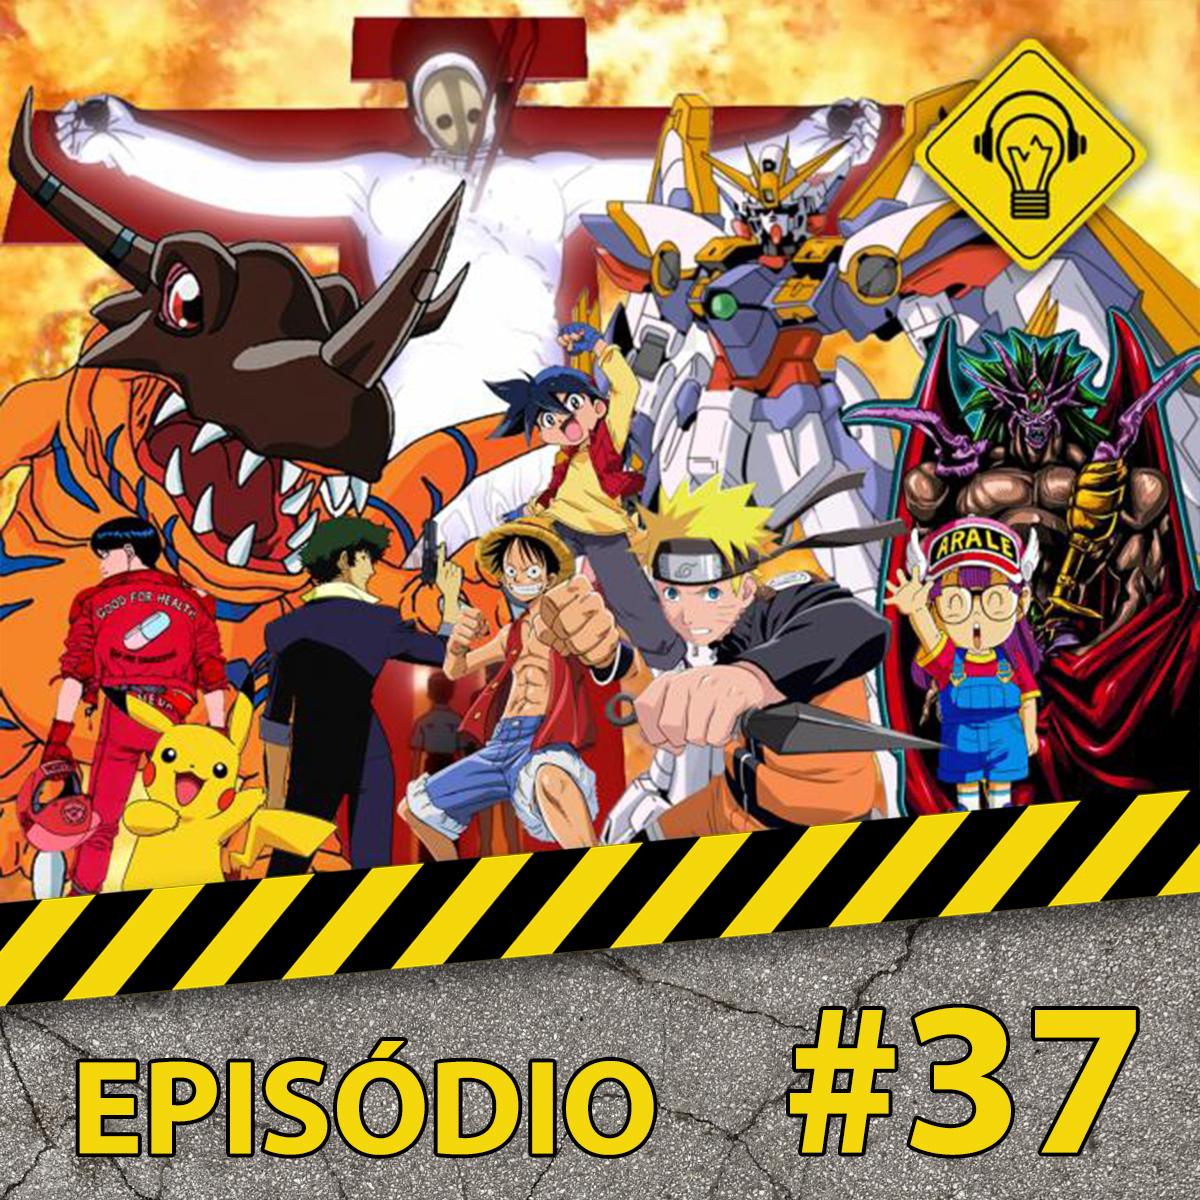 Ideia Errada #37: Animes Revolucionários